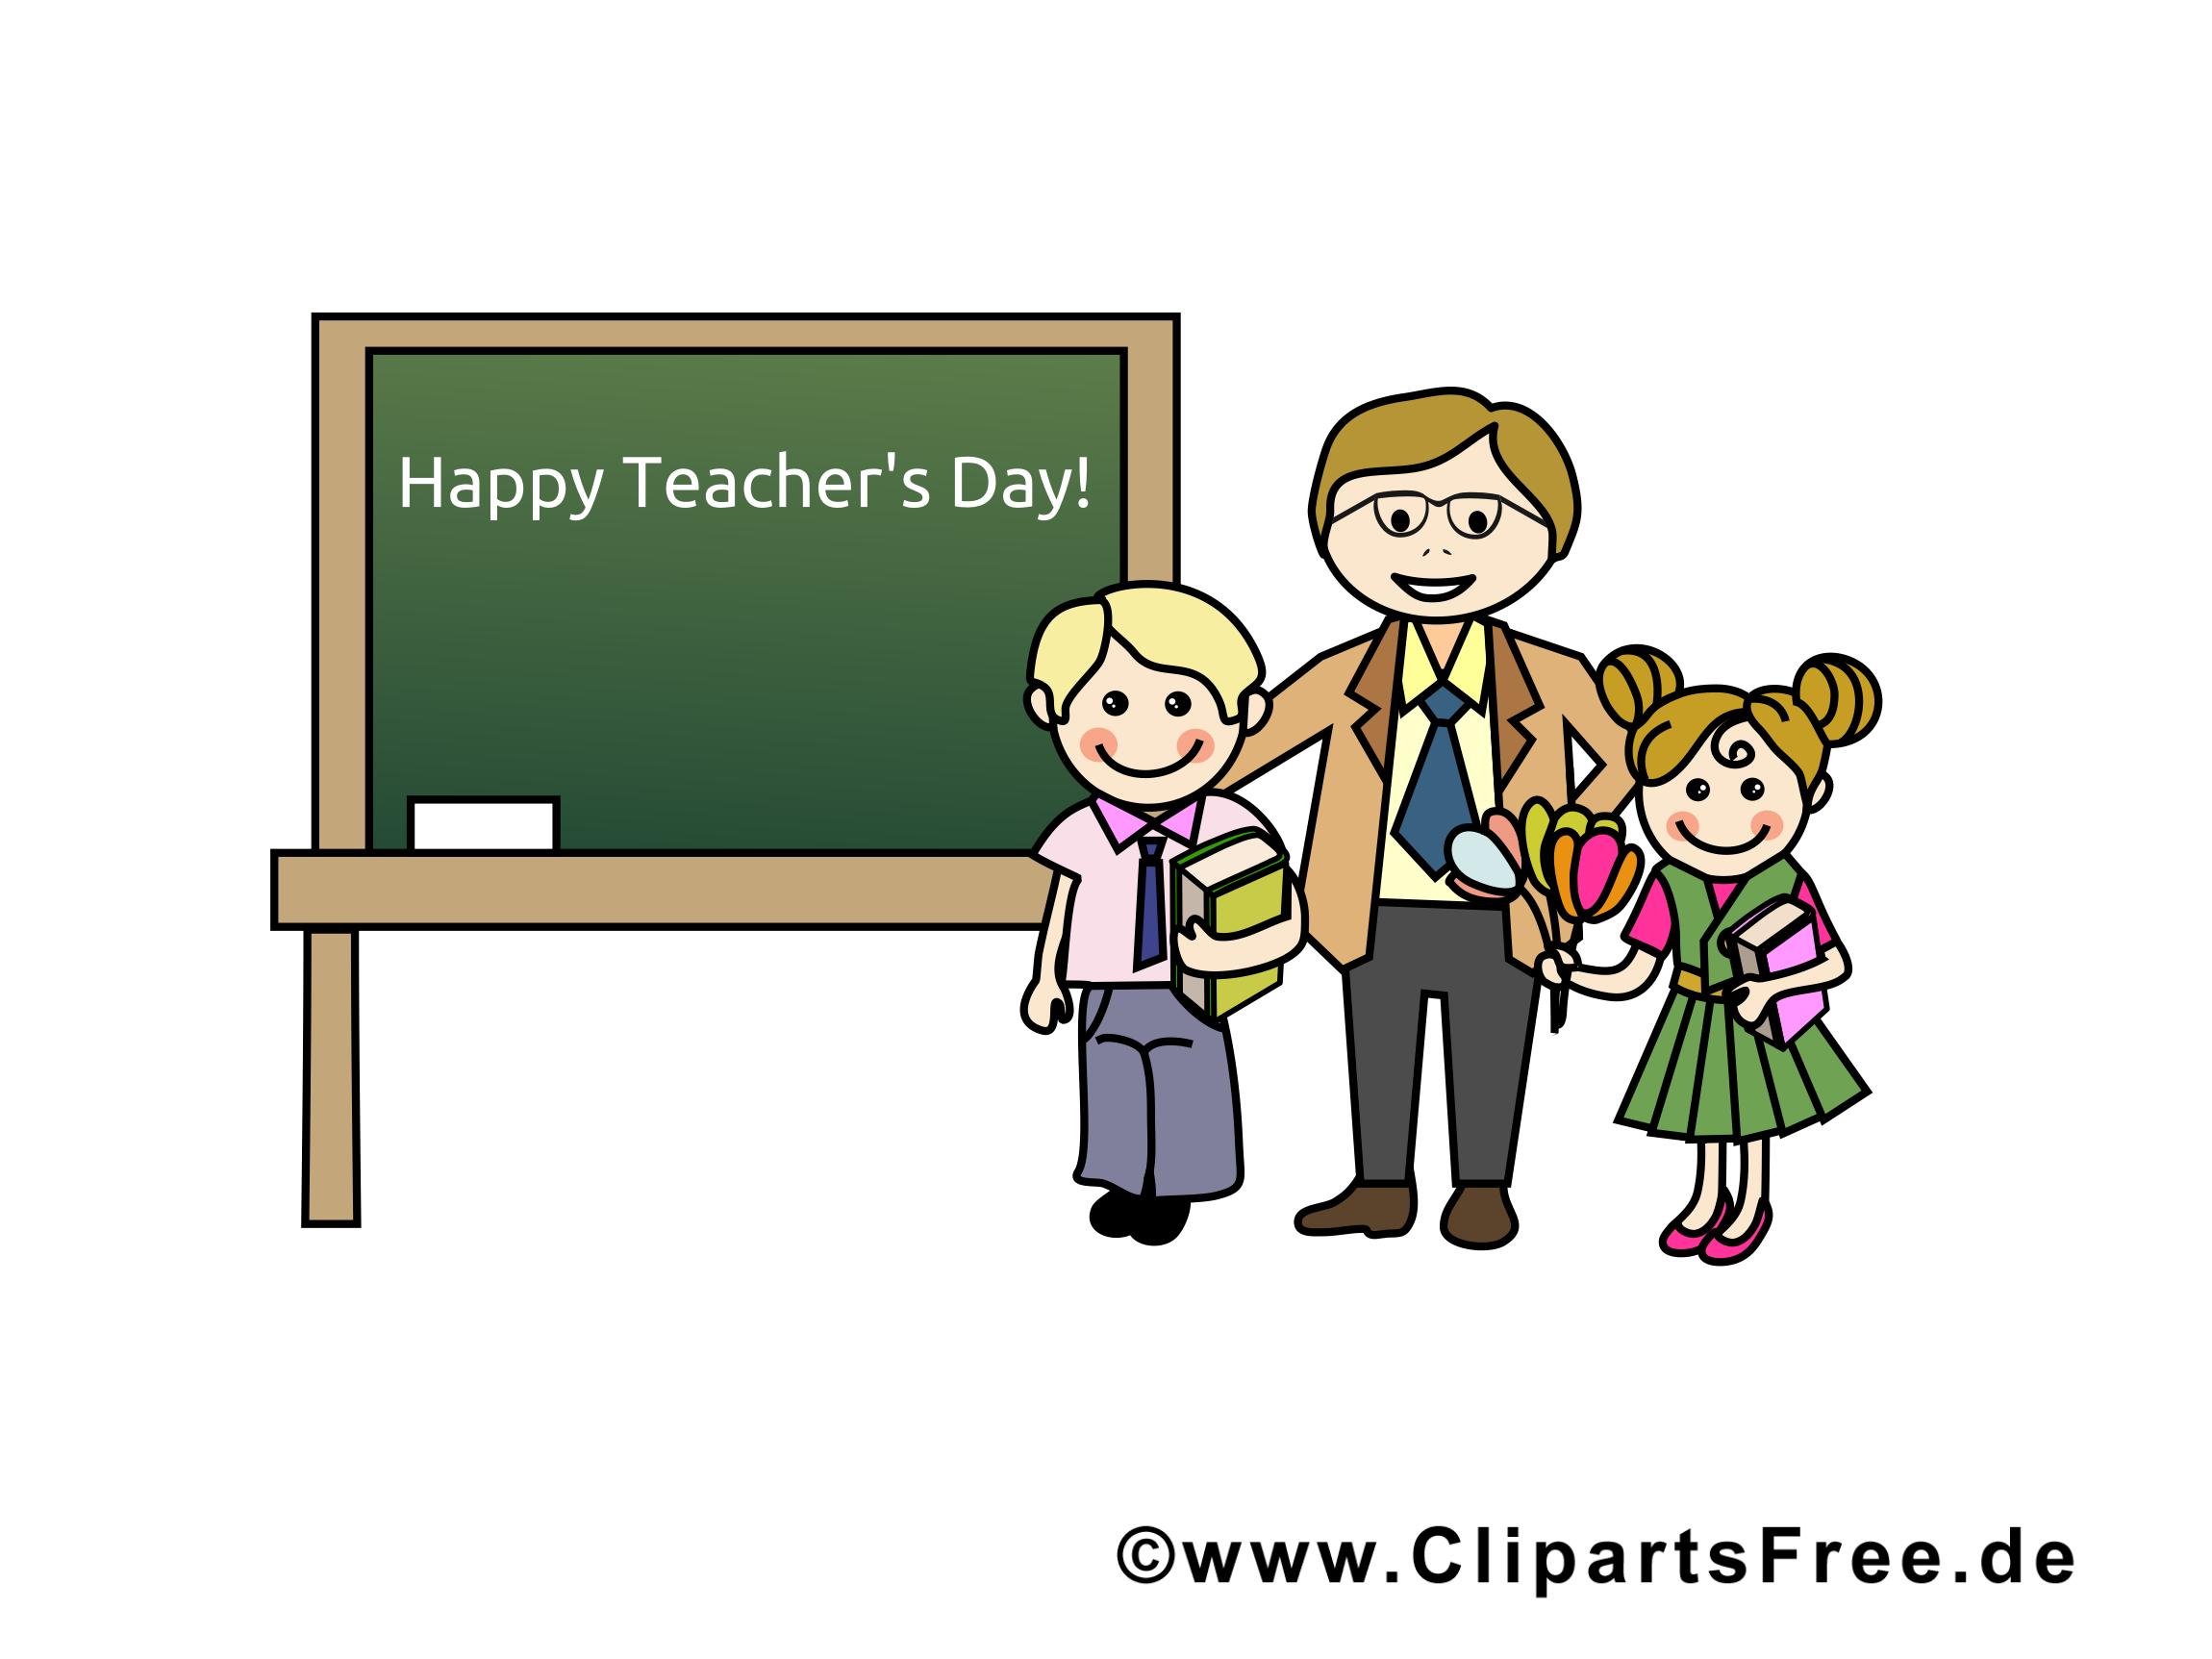 Journ e de l 39 enseignant cole images cliparts cole dessin picture image graphic clip - Office gratuit enseignant ...